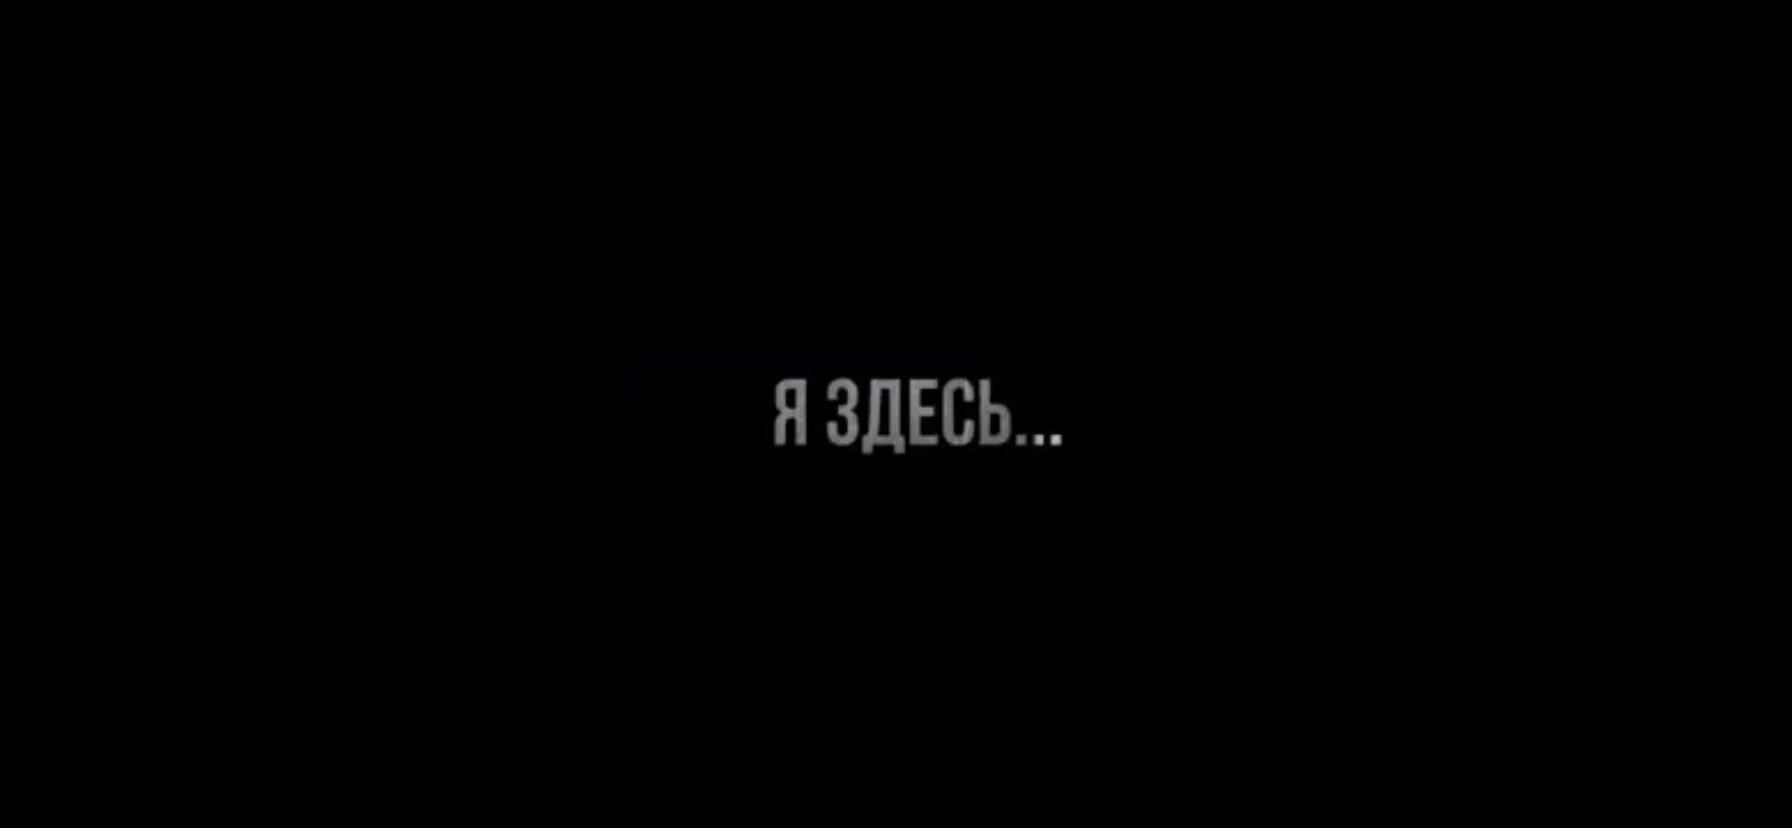 Антинаркотический ролик «Я здесь»